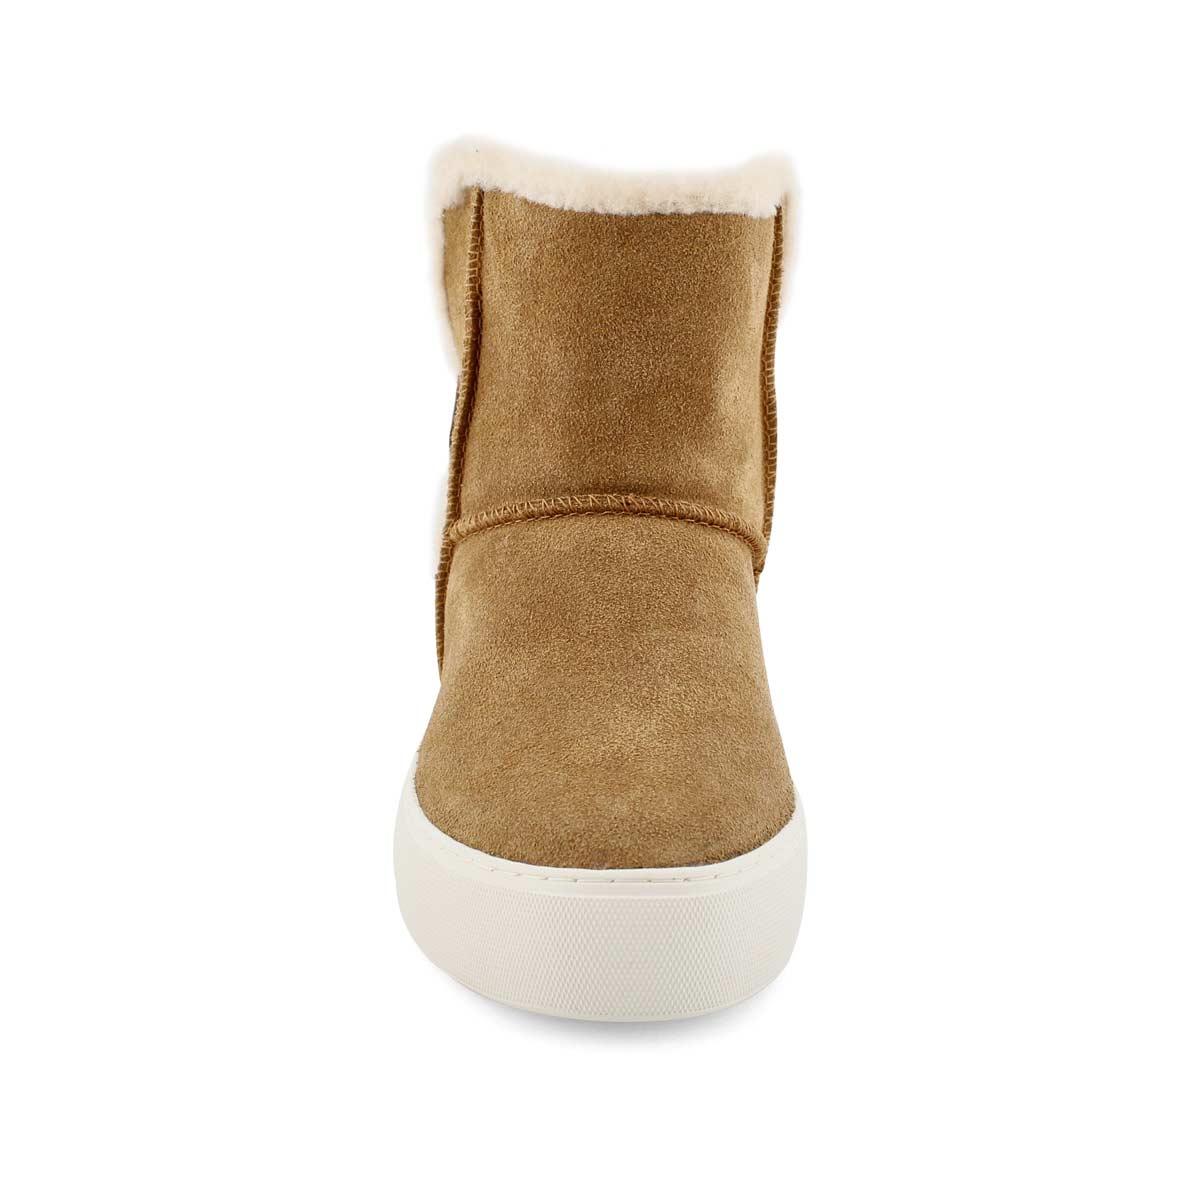 Lds Aika chestnut slip on boot